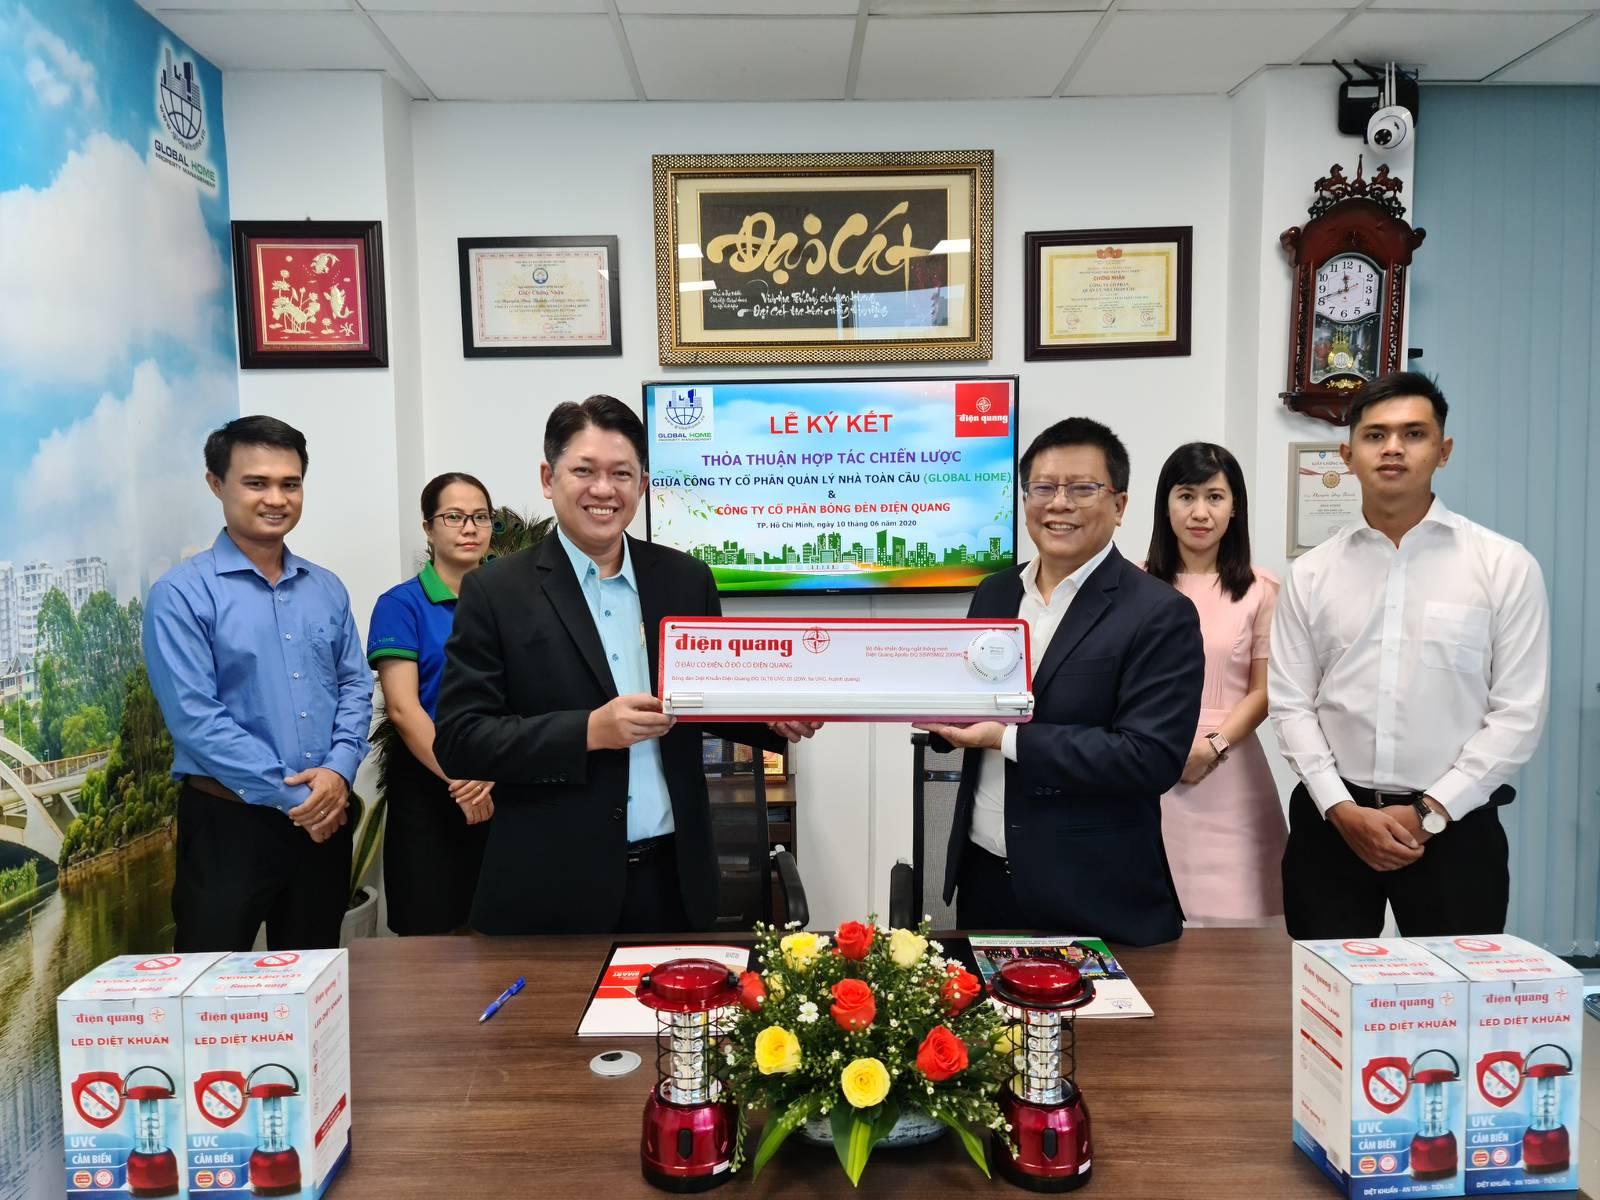 Công ty CP Quản Lý Nhà Toàn Cầu ký kết hợp tác chiến lược với Công ty CP Bóng Đèn Điện Quang 2